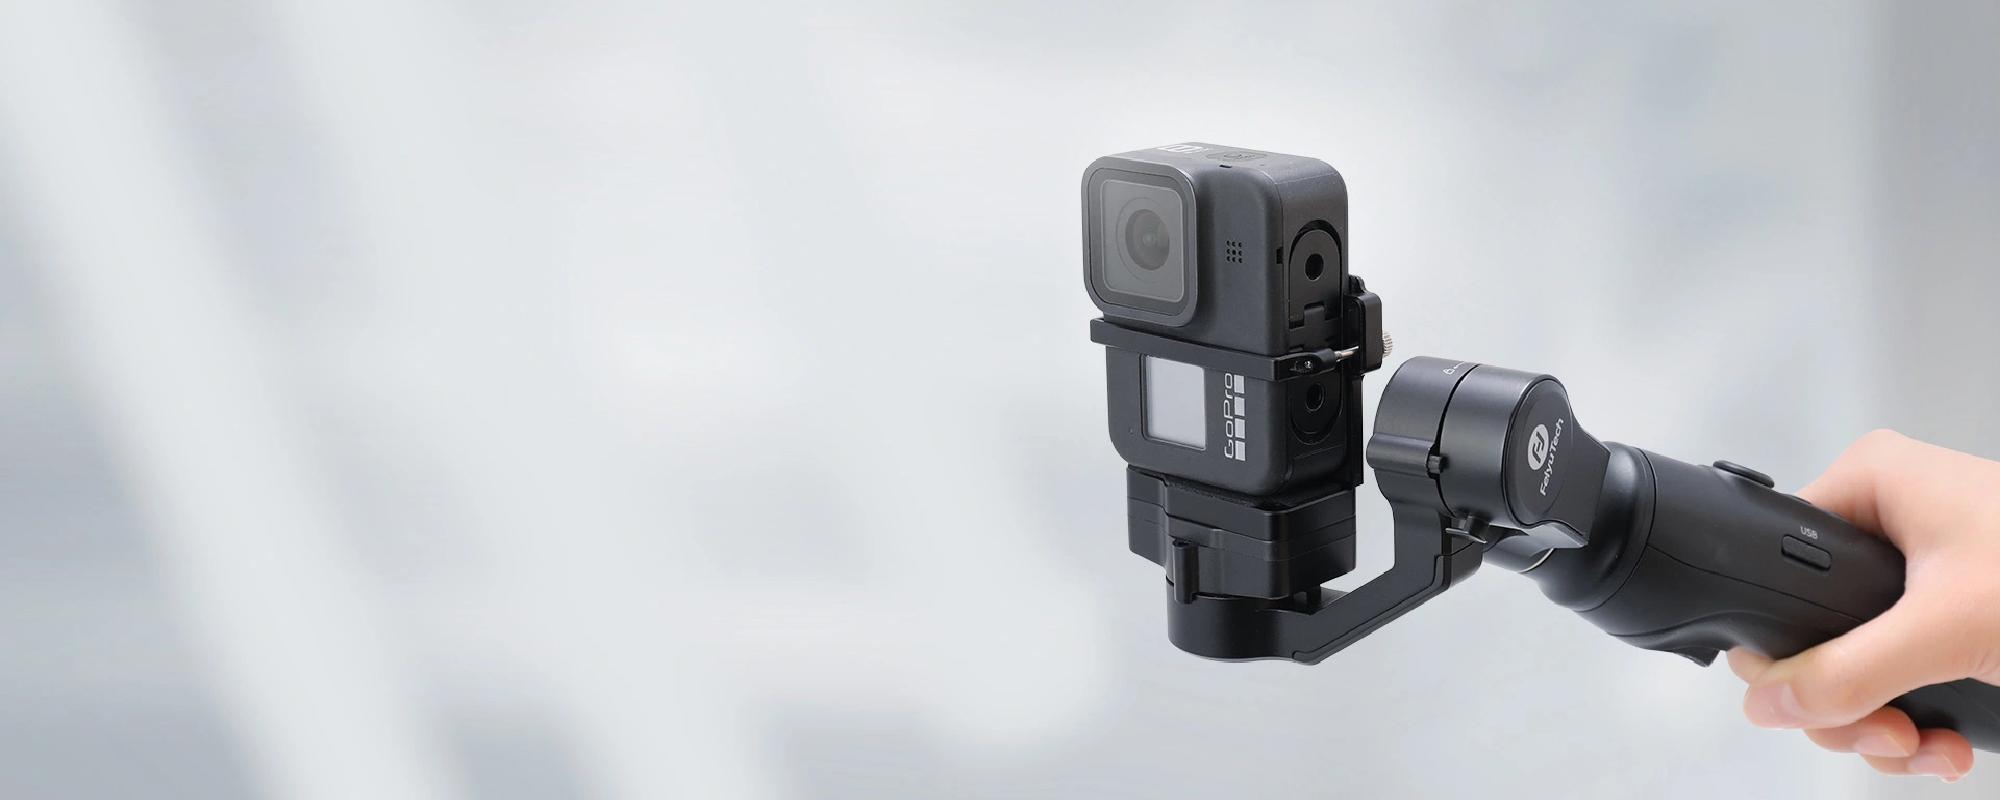 Grafika - Gimbal ręczny FeiyuTech Vimble 2A do kamer sportowych_03.jpg